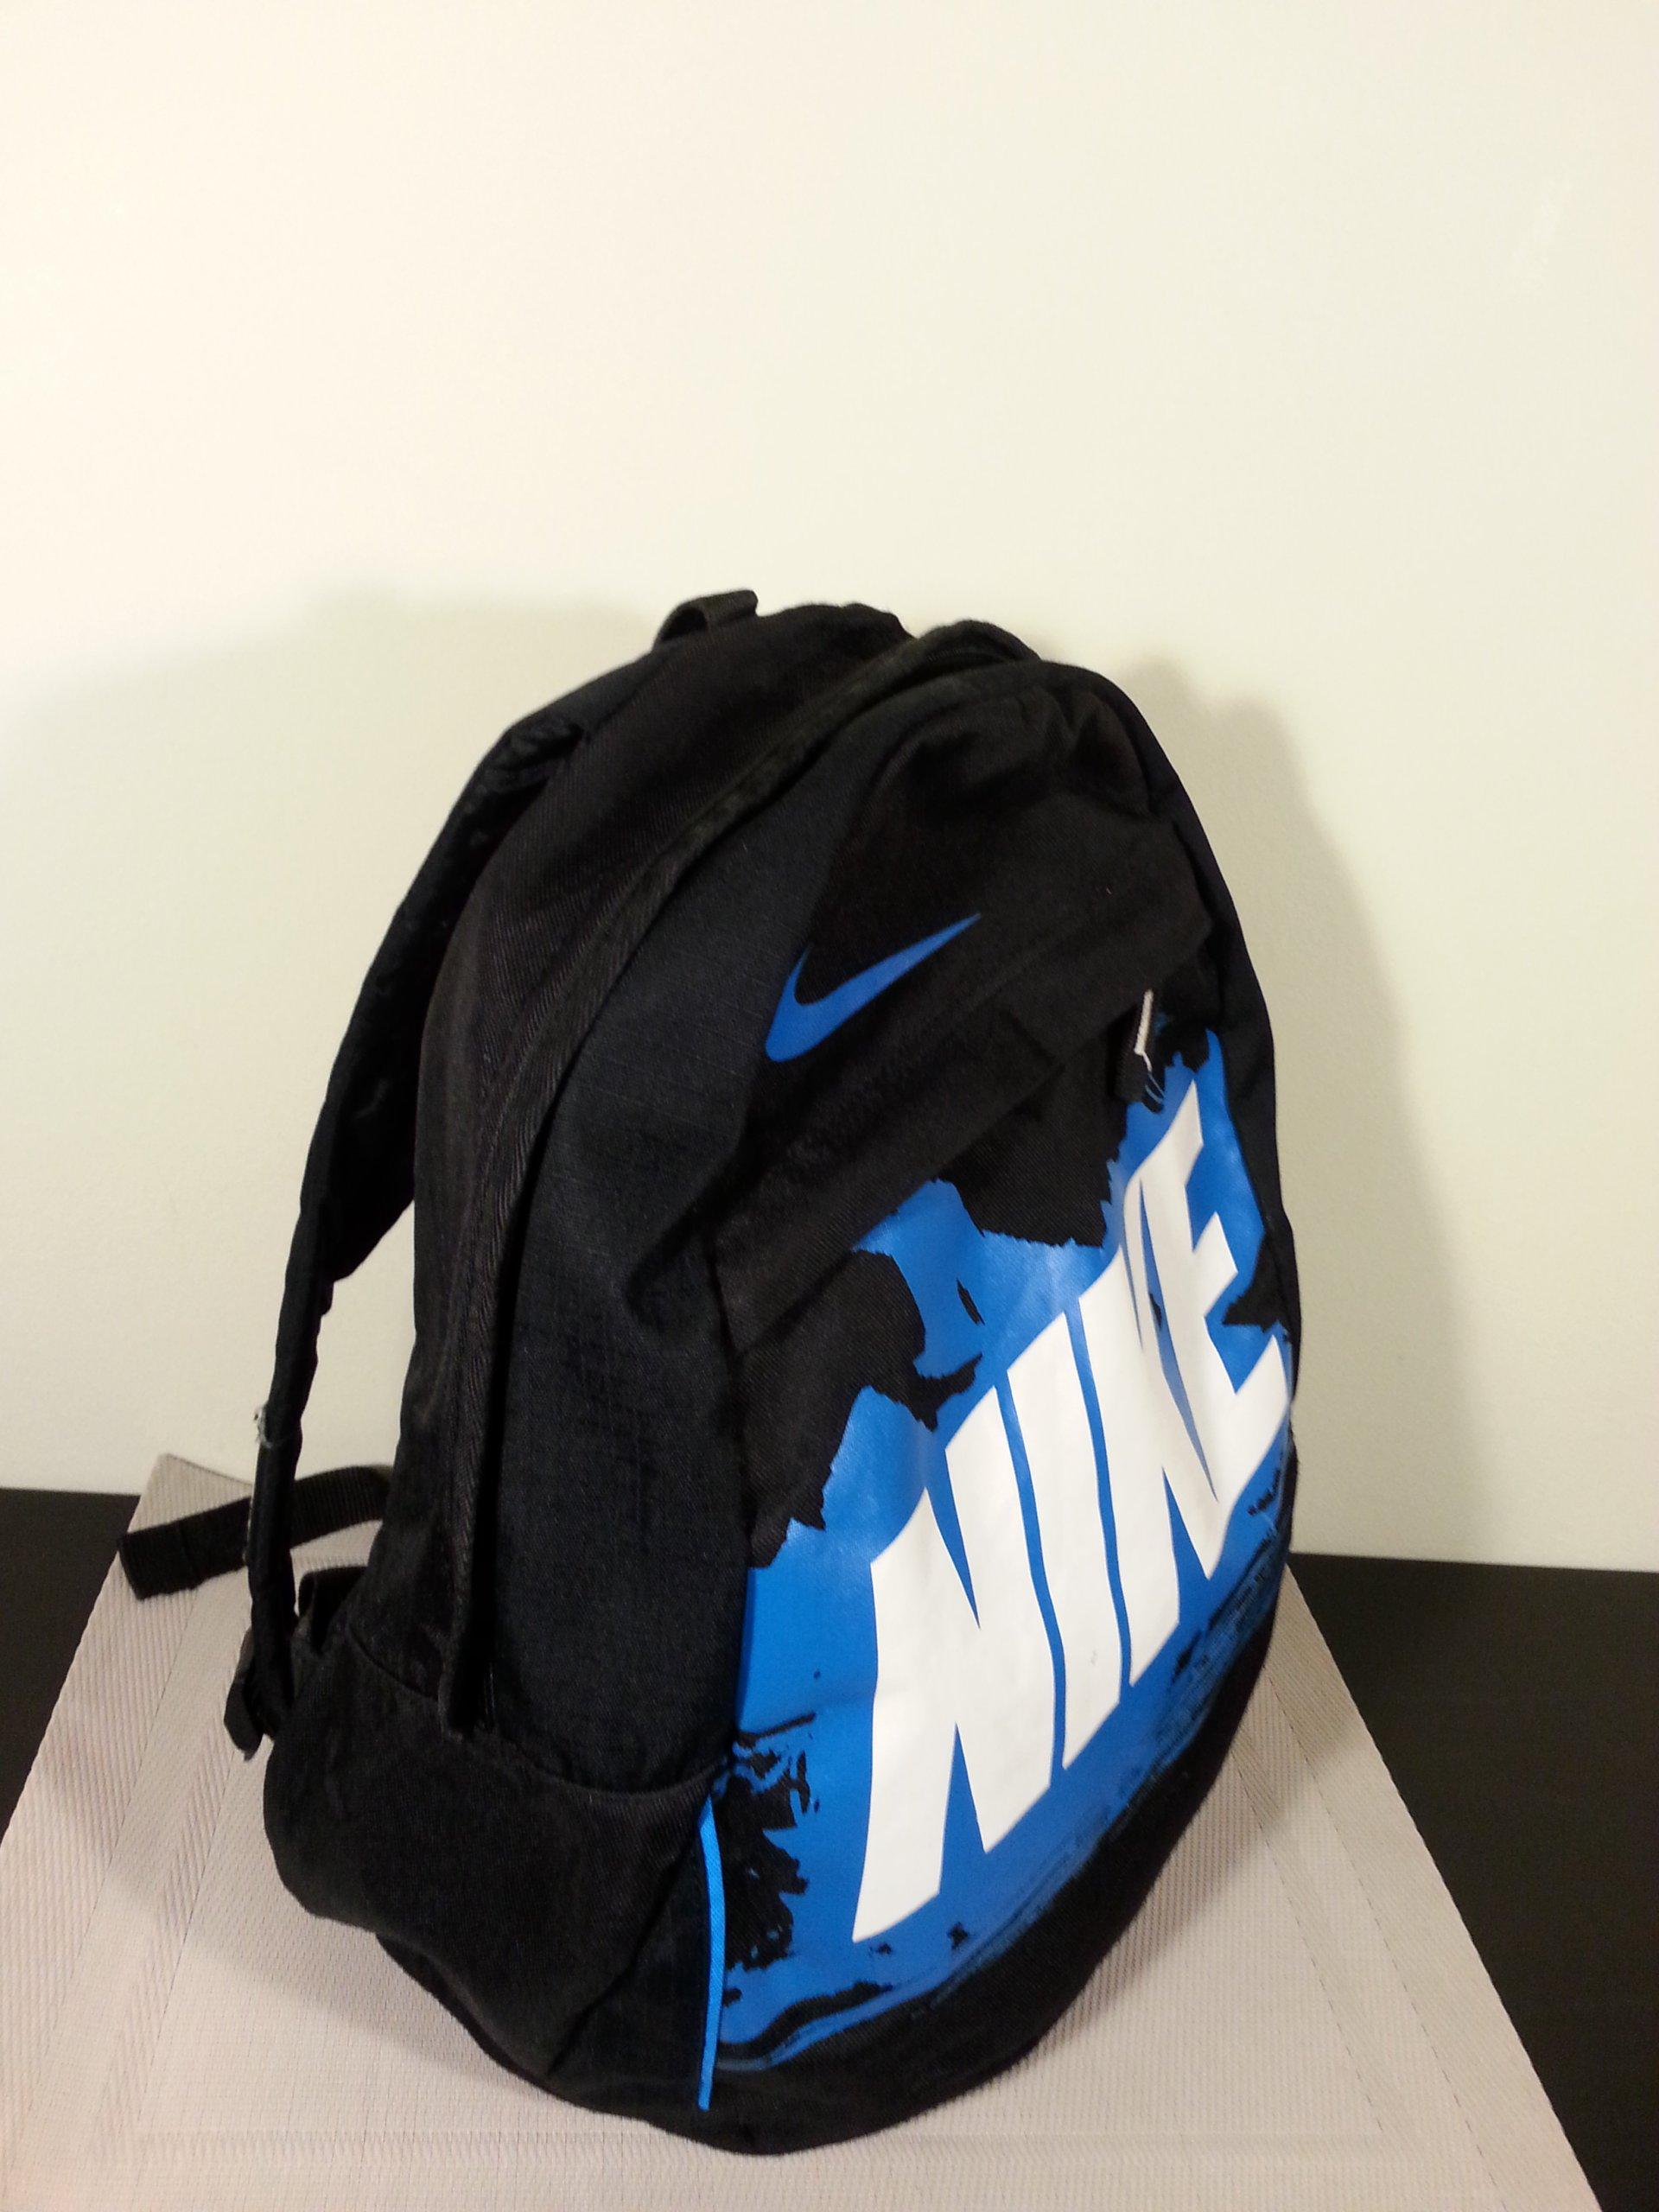 98682f6ce Plecak NIKE, czarny, pojemność 20 litrów, OKAZJA - 7110963379 ...